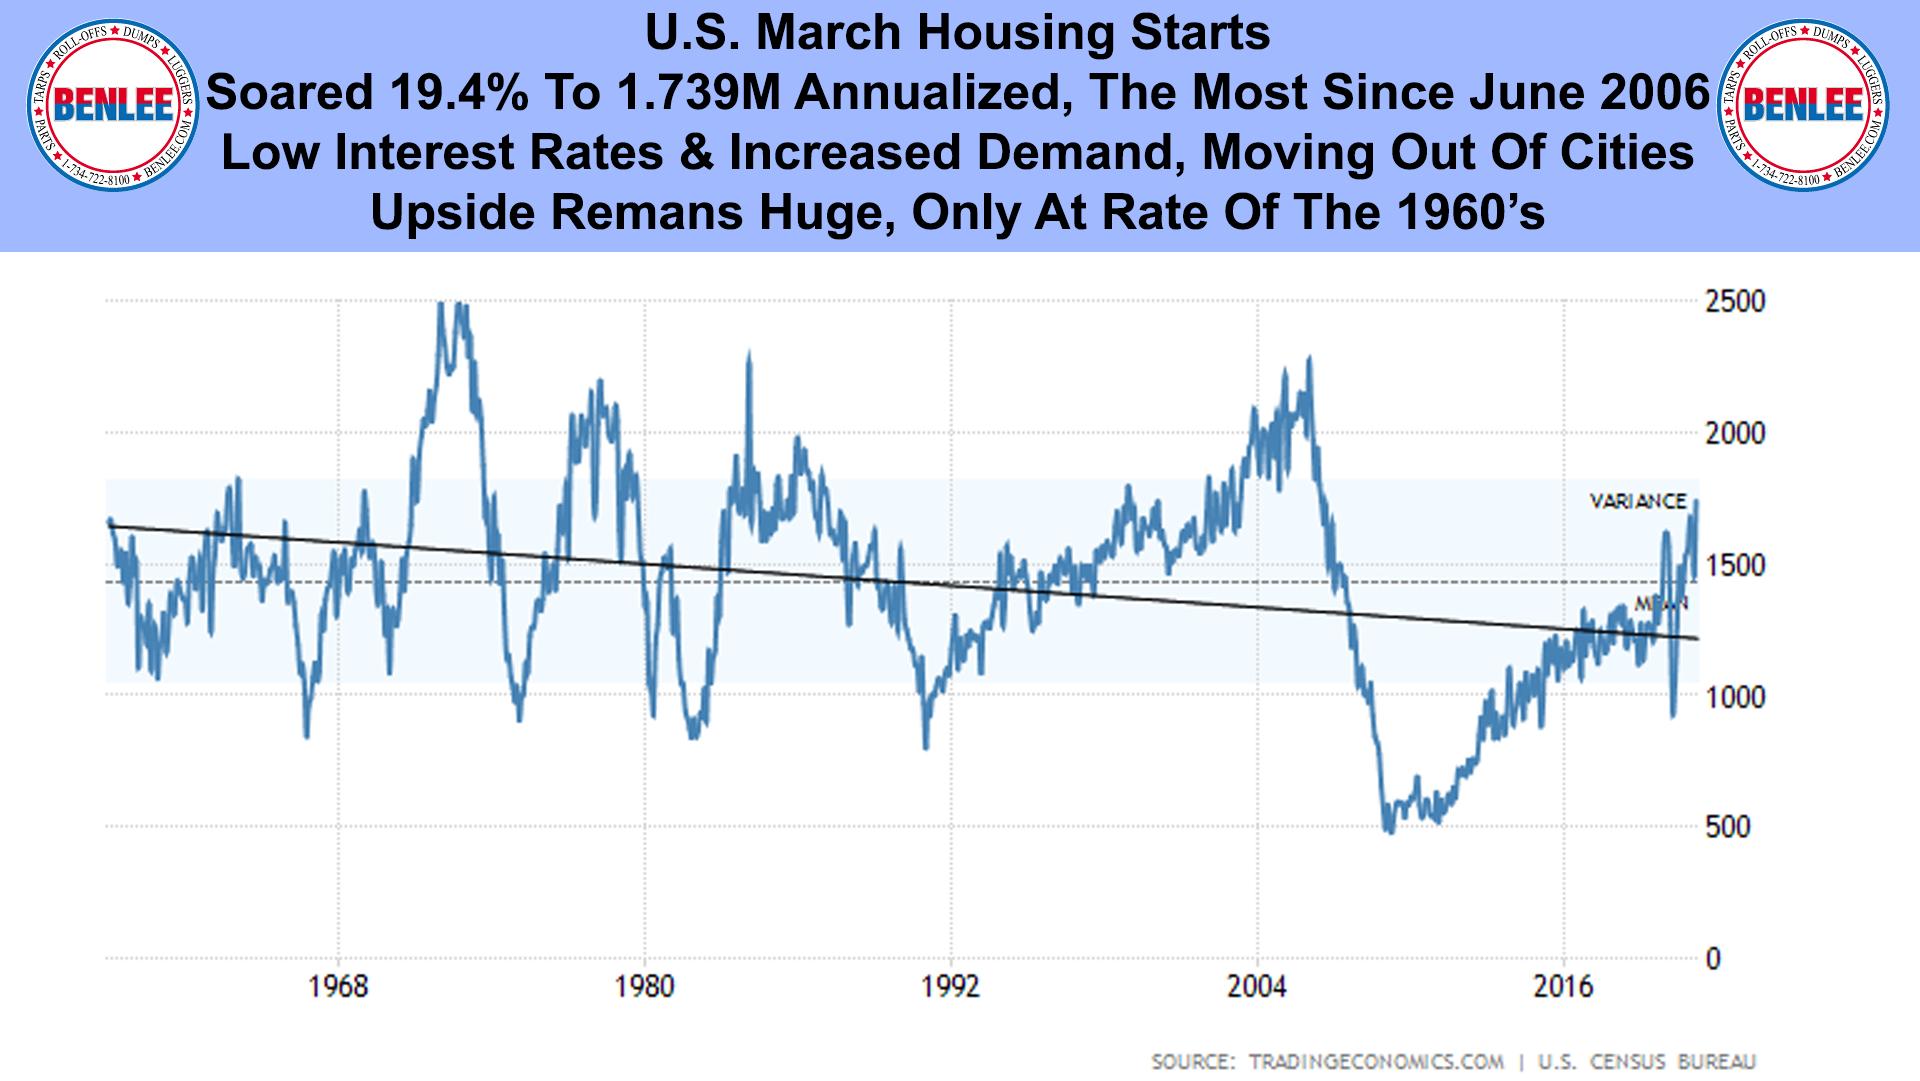 U.S. March Housing Starts